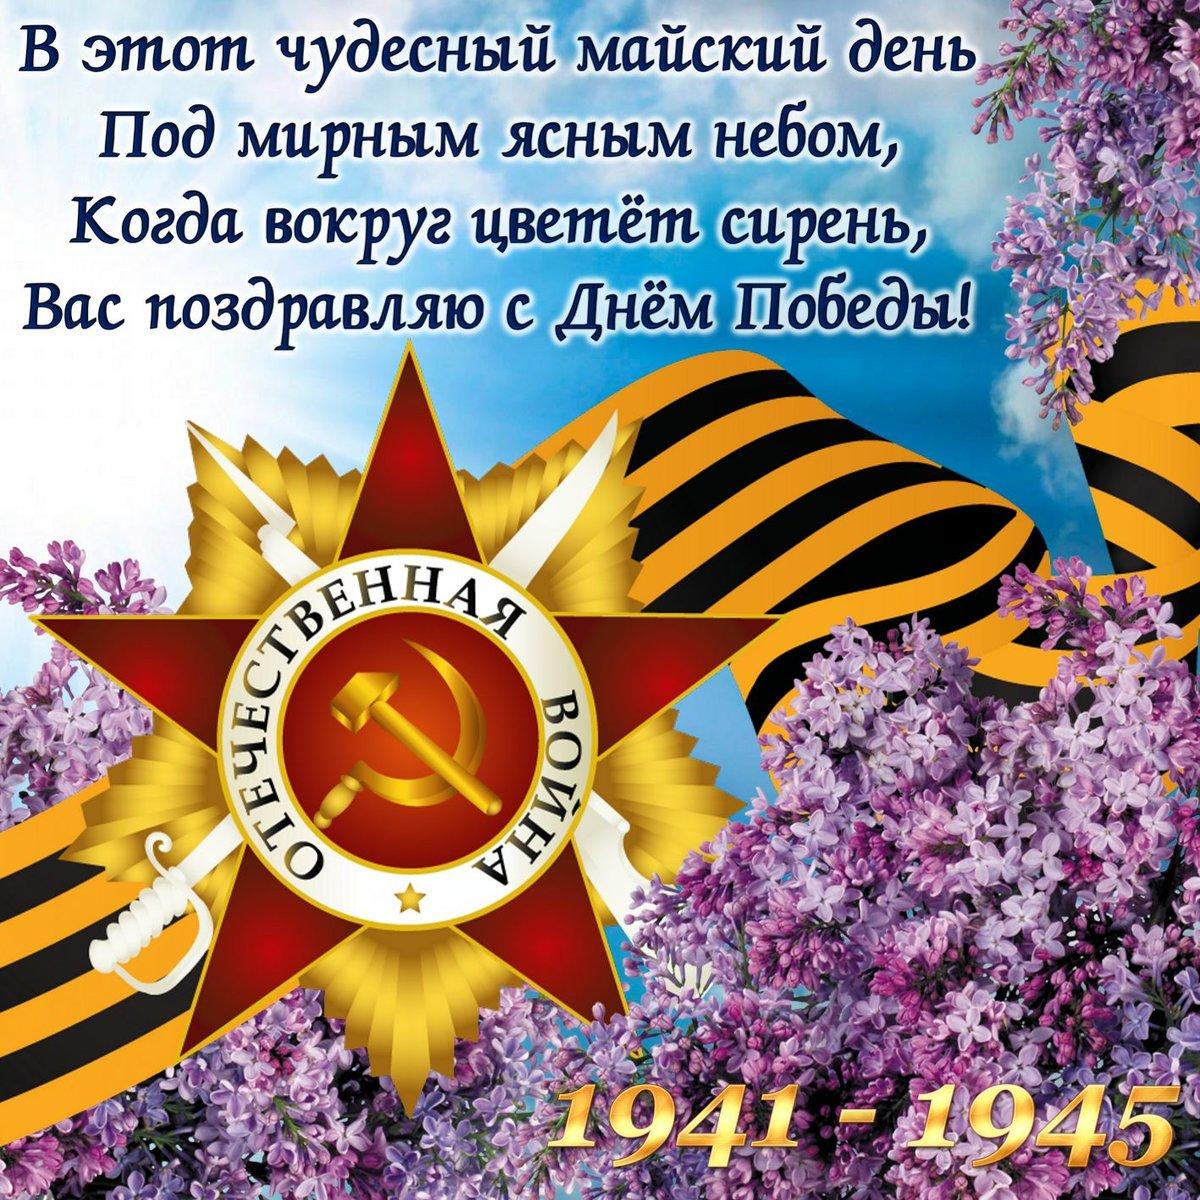 Стихи на 9 мая из открыток